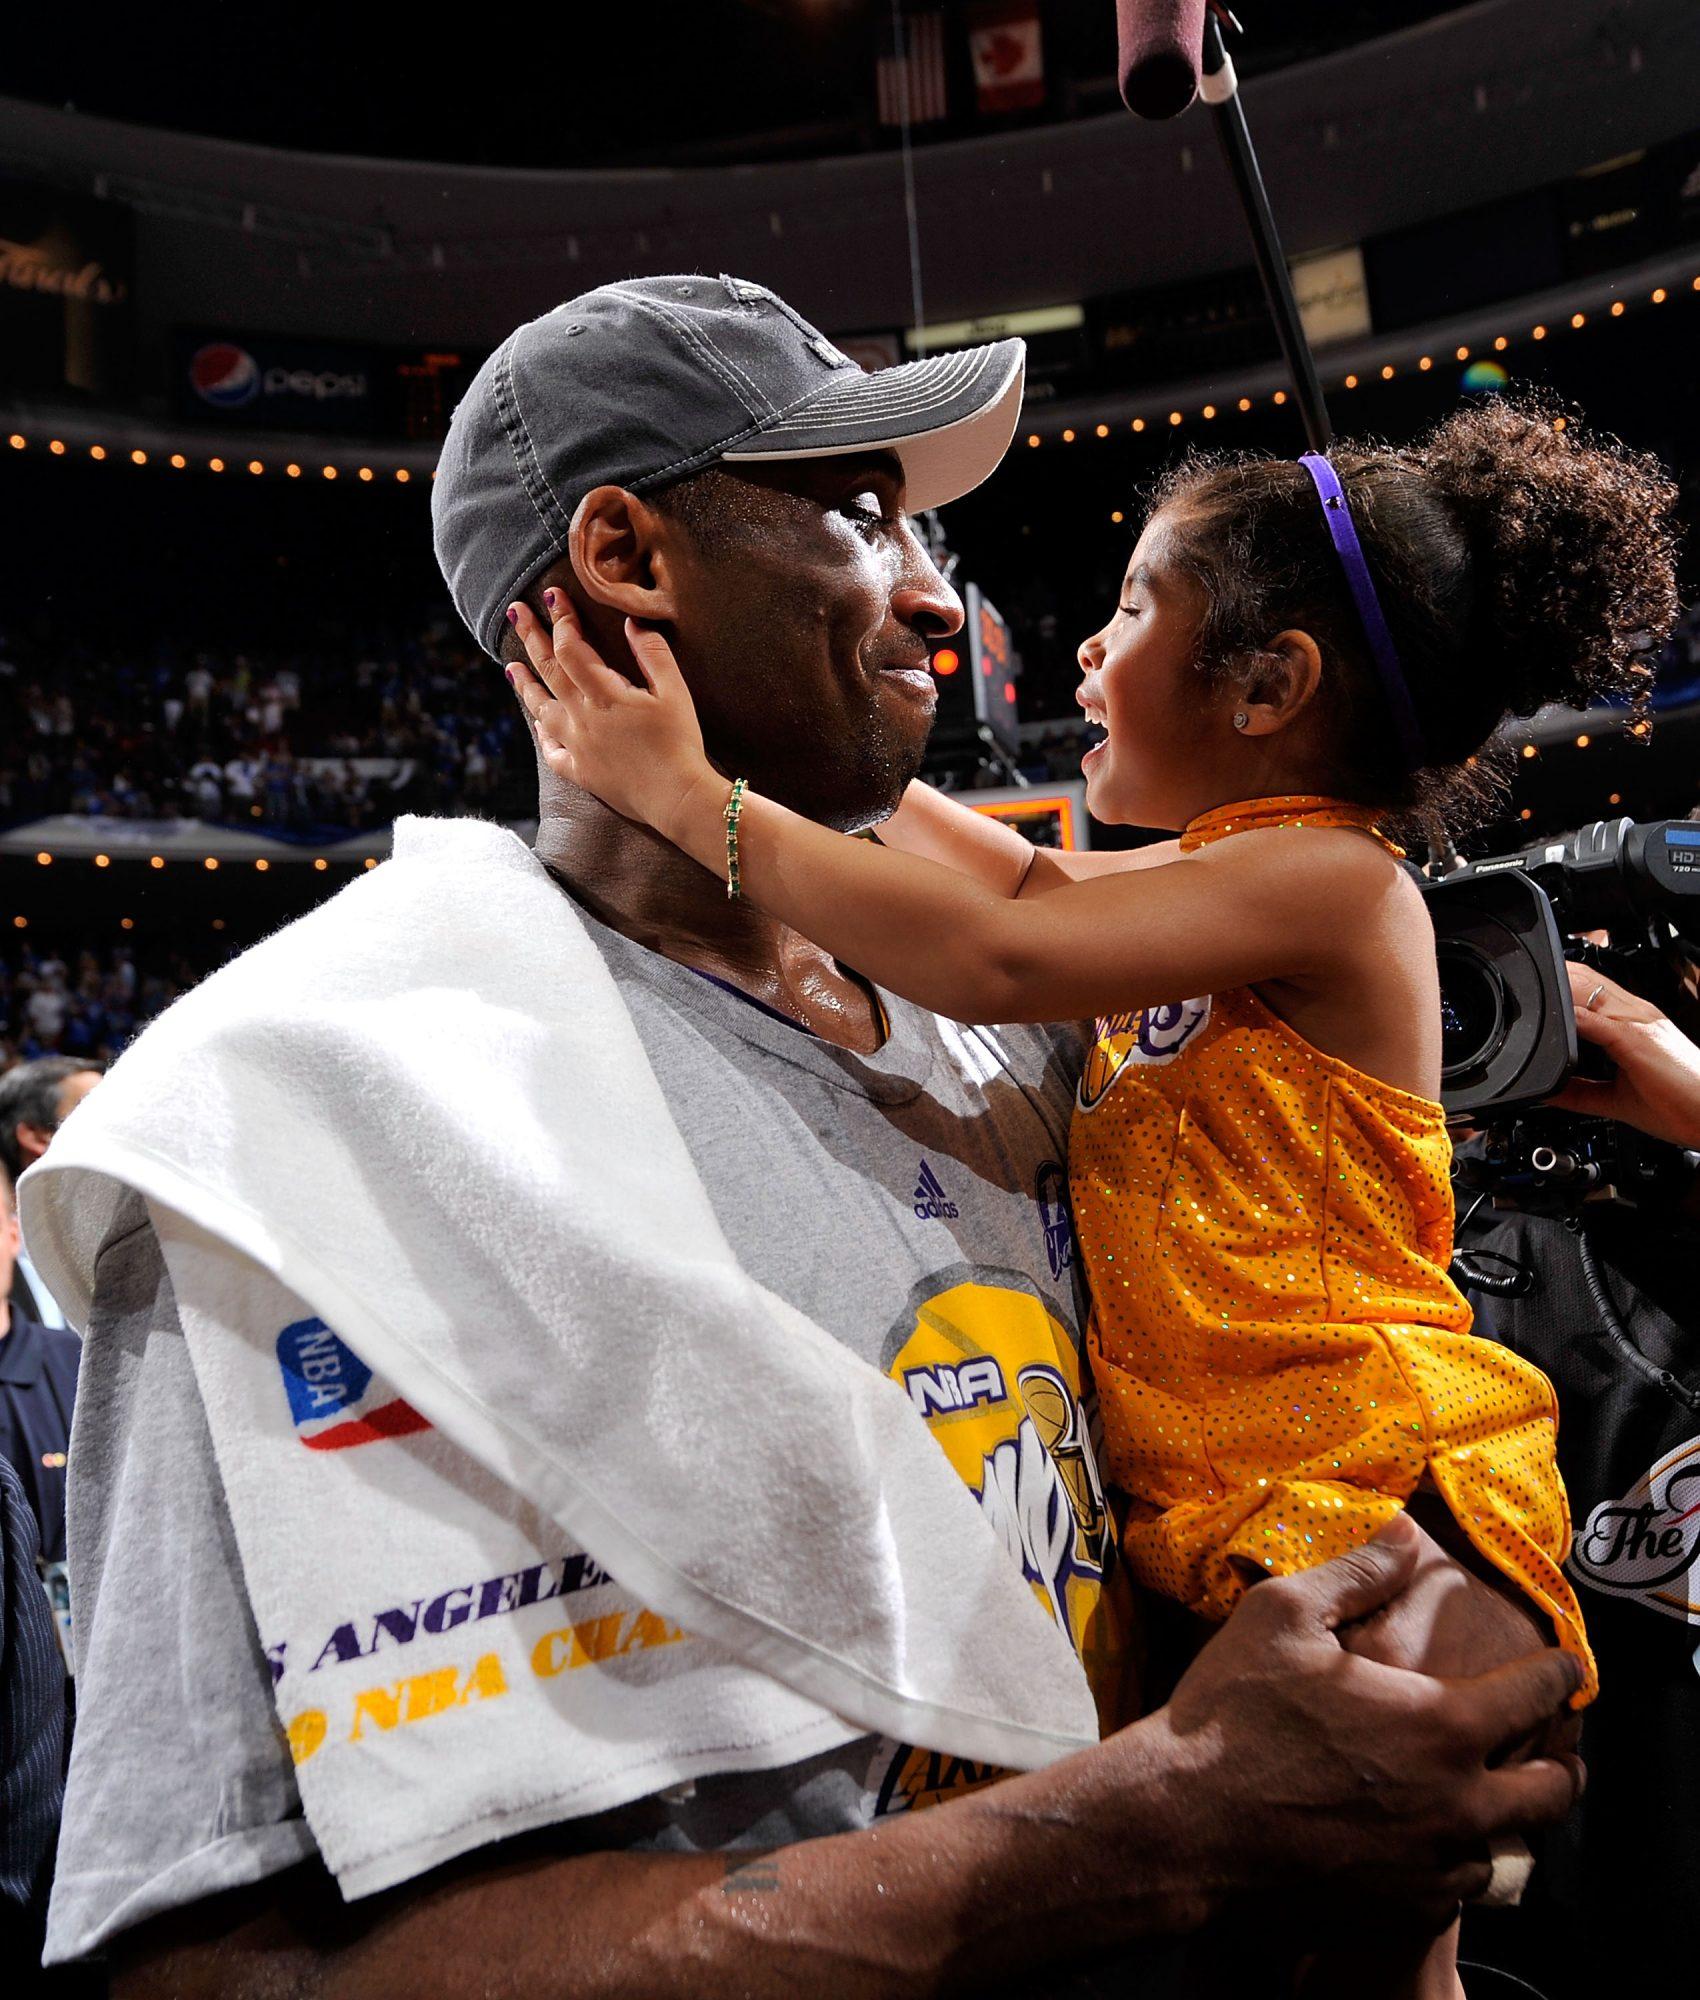 Kobe Bryant, Daughter GIanna